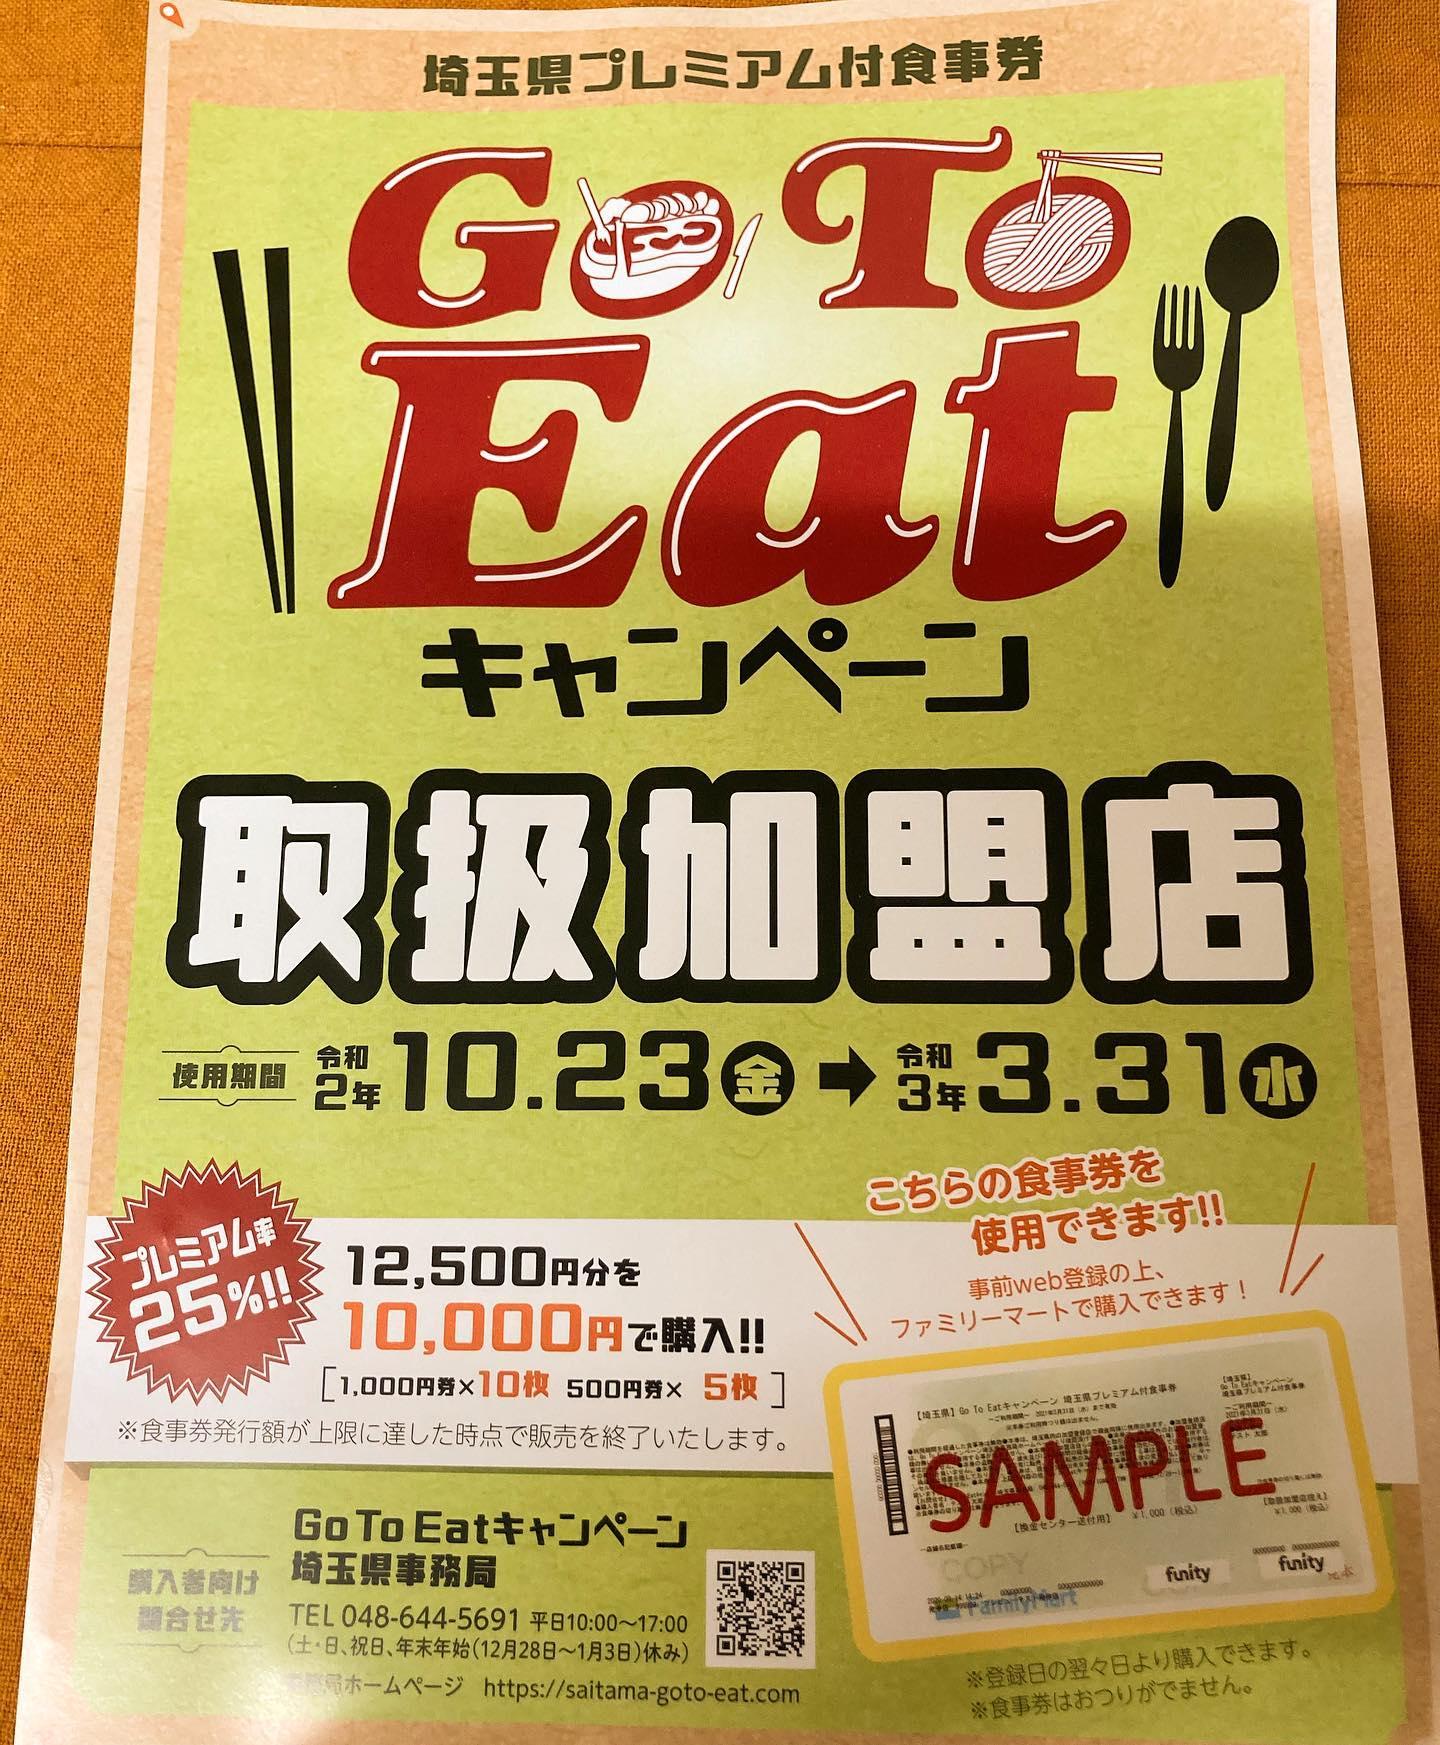 [おはしどころ菜でしこ] 〜GotoEat加盟店です️〜   今日から始まる埼玉県のGotoEat!    上手く使えば 1万円あたり2500円も得しちゃう めちゃくちゃお得なキャンペーンです!   飲食店に対して 国も埼玉県も本庄市も いろいろバックアップしてくれるので ホント感謝です    もちろん  当店に足を運んでくださる お客様にも日々感謝してます️       #おはしどころ菜でしこ #本庄駅南口ロータリー内 月曜日定休 17:00オープン  #なでしこ #本庄女子会 #本庄宴会 #本庄飲み放題 #本庄居酒屋 #ほんじょうテイクアウト #本庄海鮮居酒屋 #高崎 #本庄PayPay #本庄市 #本庄日本酒 #本庄一人飲み #本庄女子一人飲み #GotoEat  #感謝 #菜でしこに来ると明日からも頑張れると言われたい